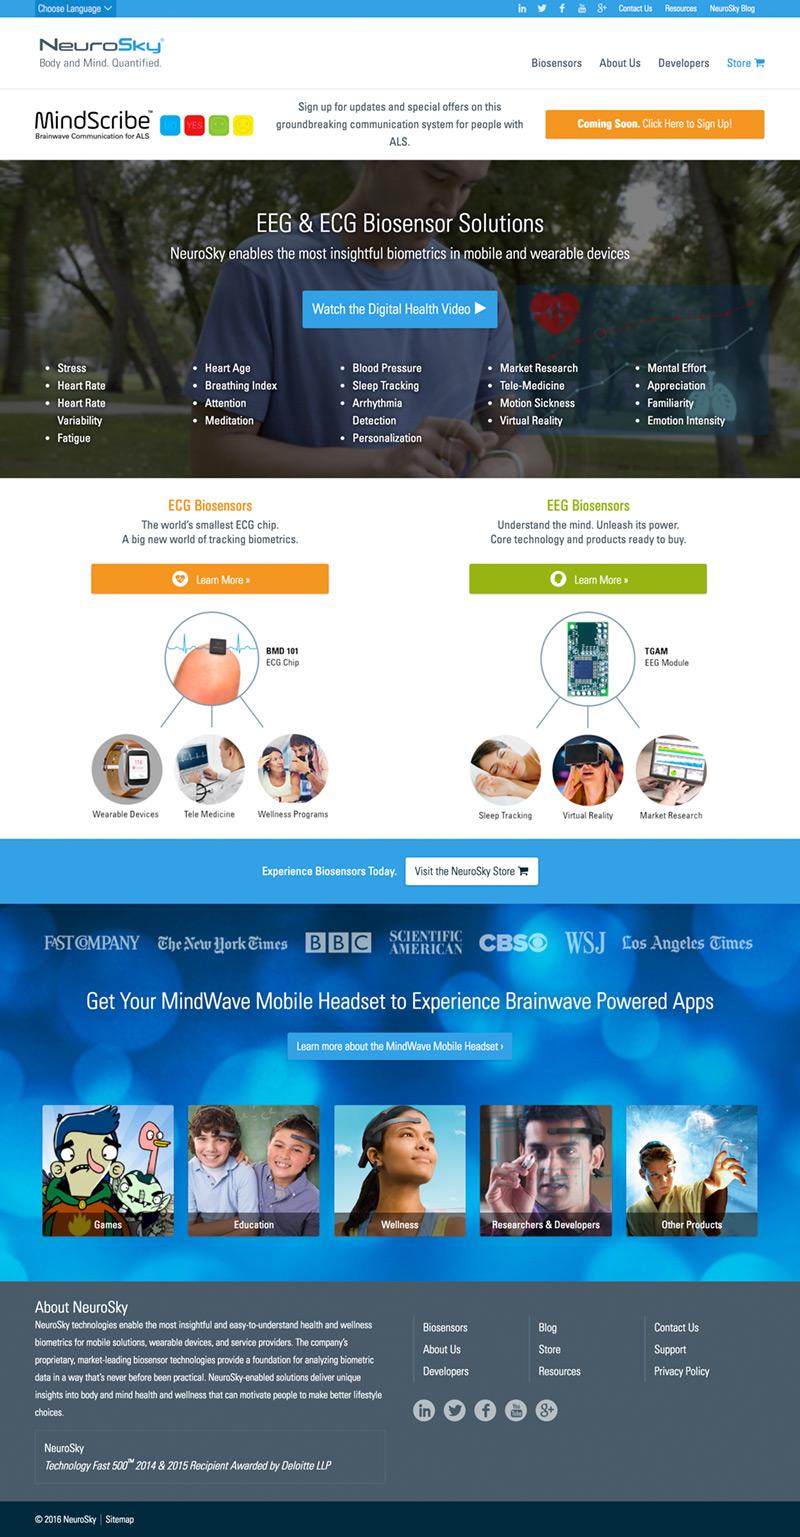 A screenshot of the full NeuroSky homepage